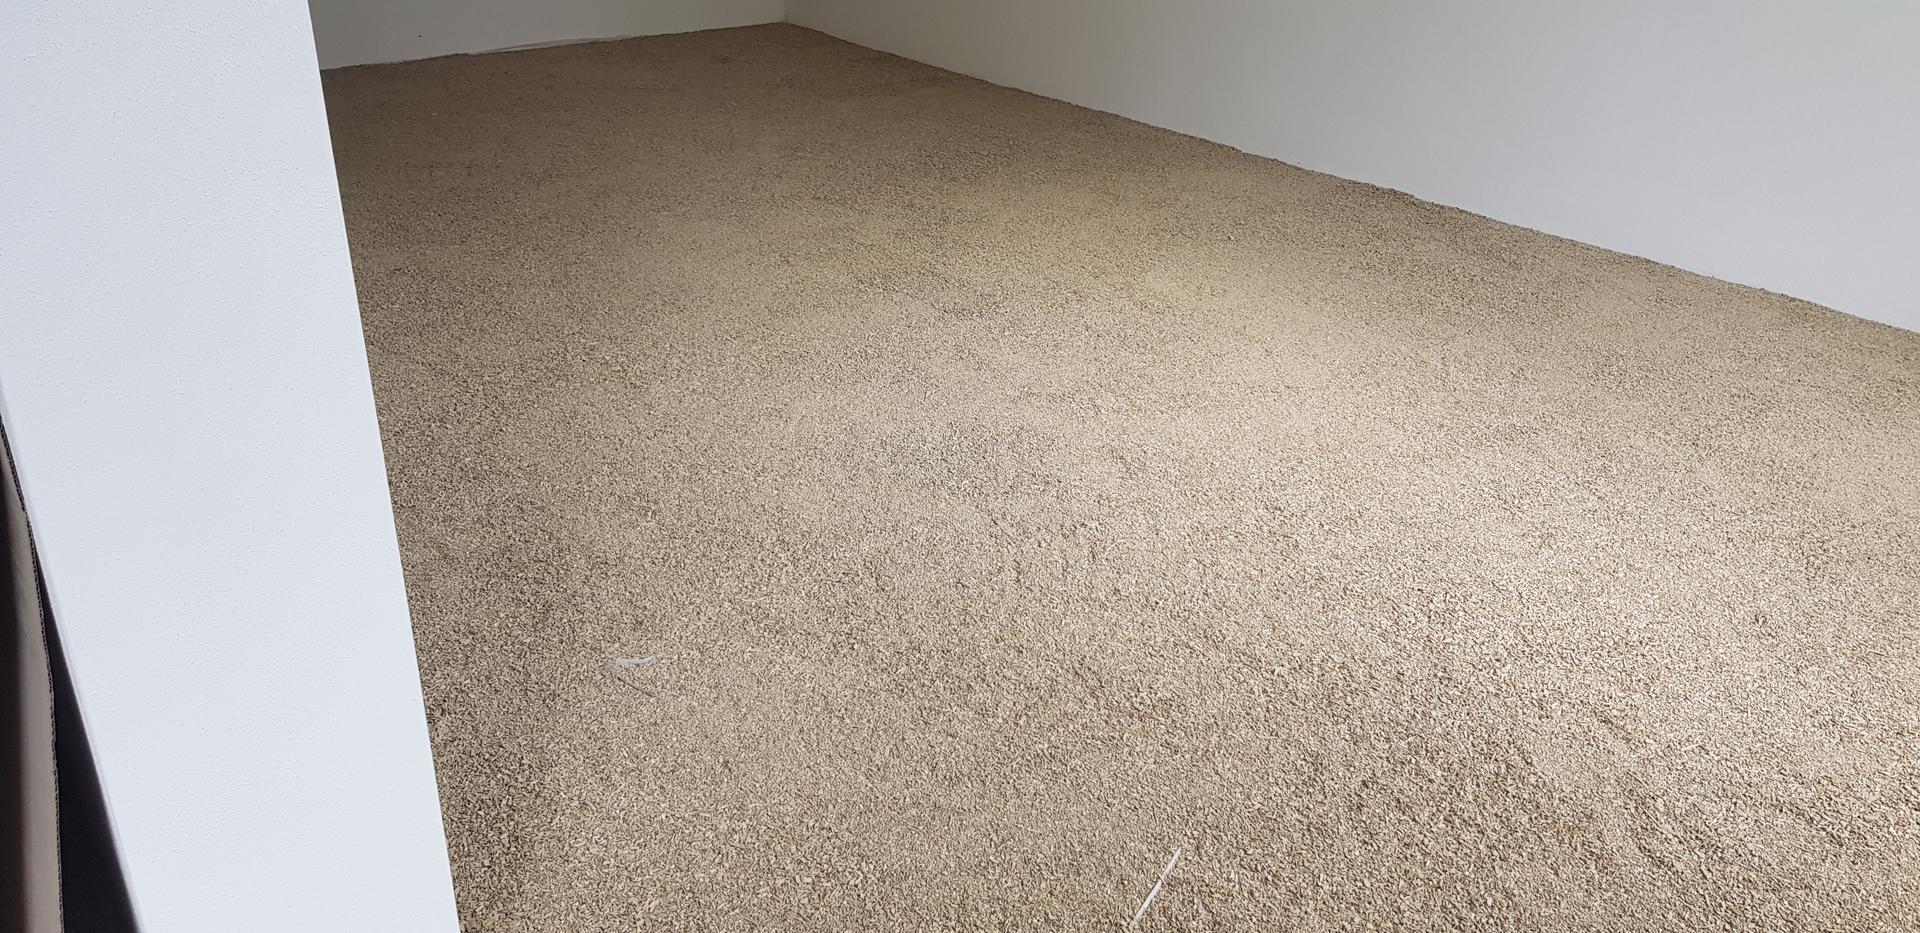 Naša rekonštrukcia - ... zarovnaná podlaha